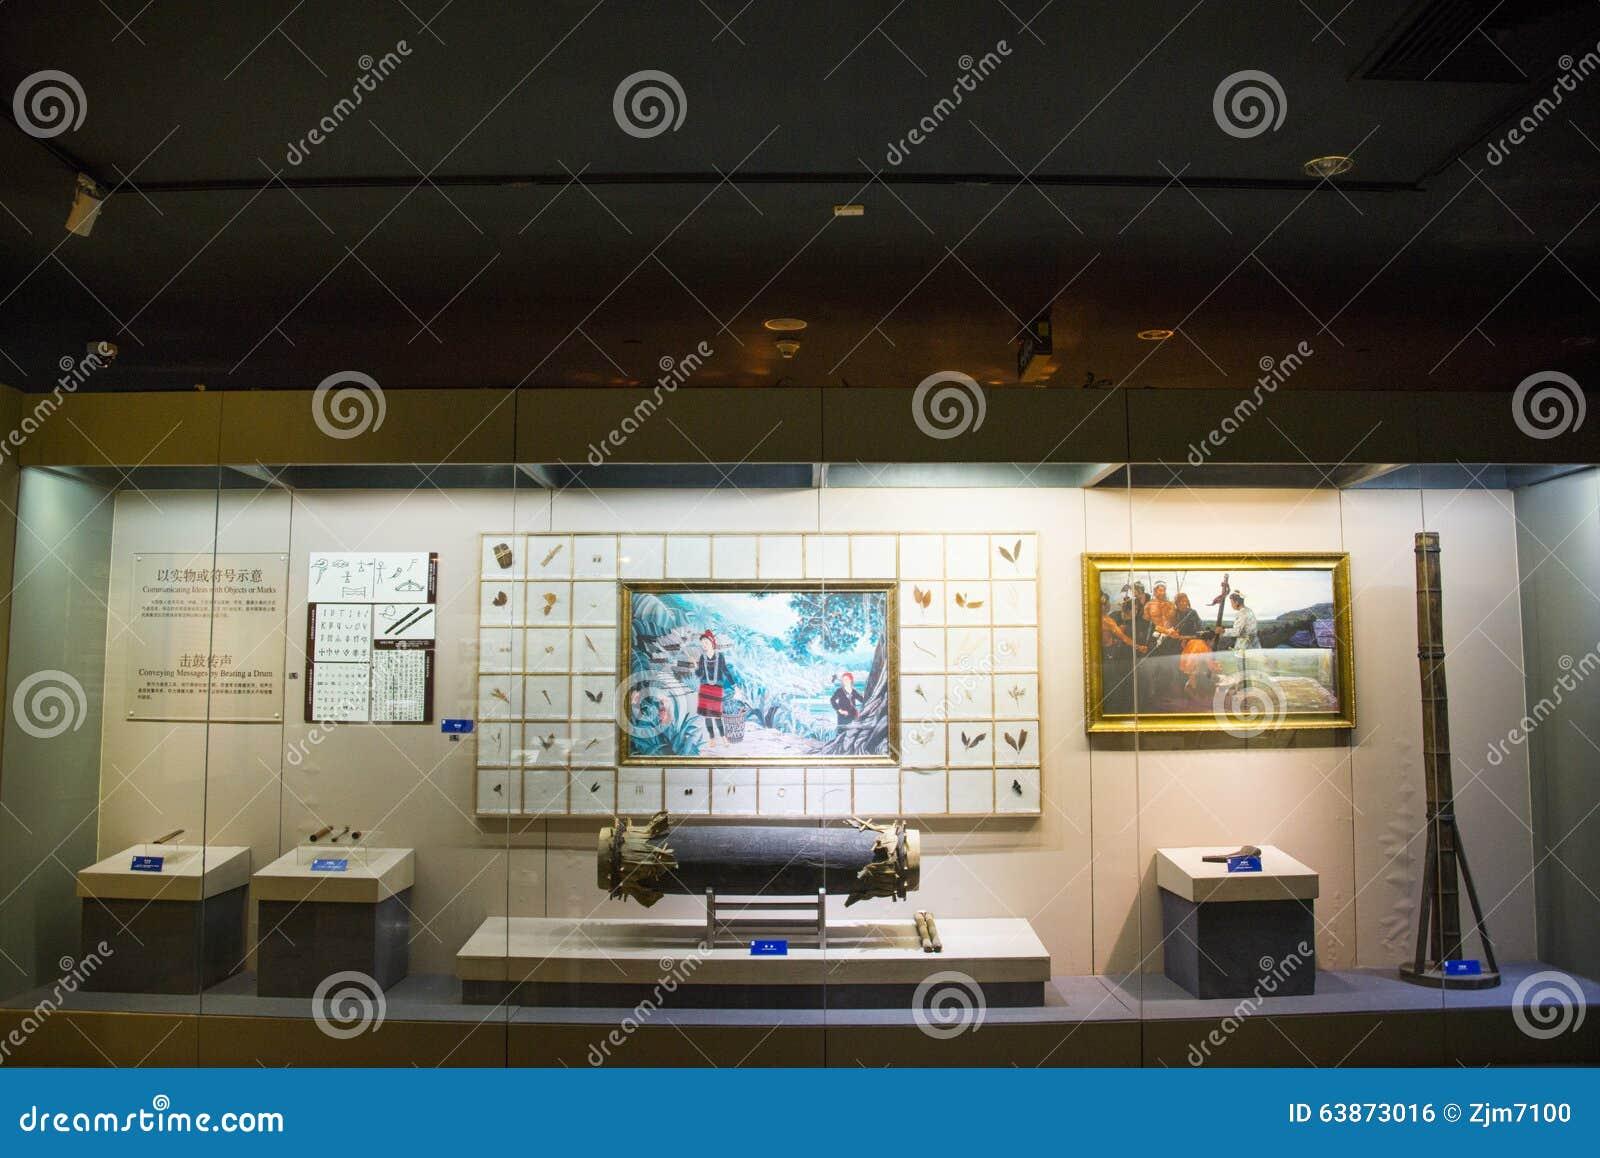 Foyer Museum Zip Code : Asia china beijing postal museum indoor exhibition hall